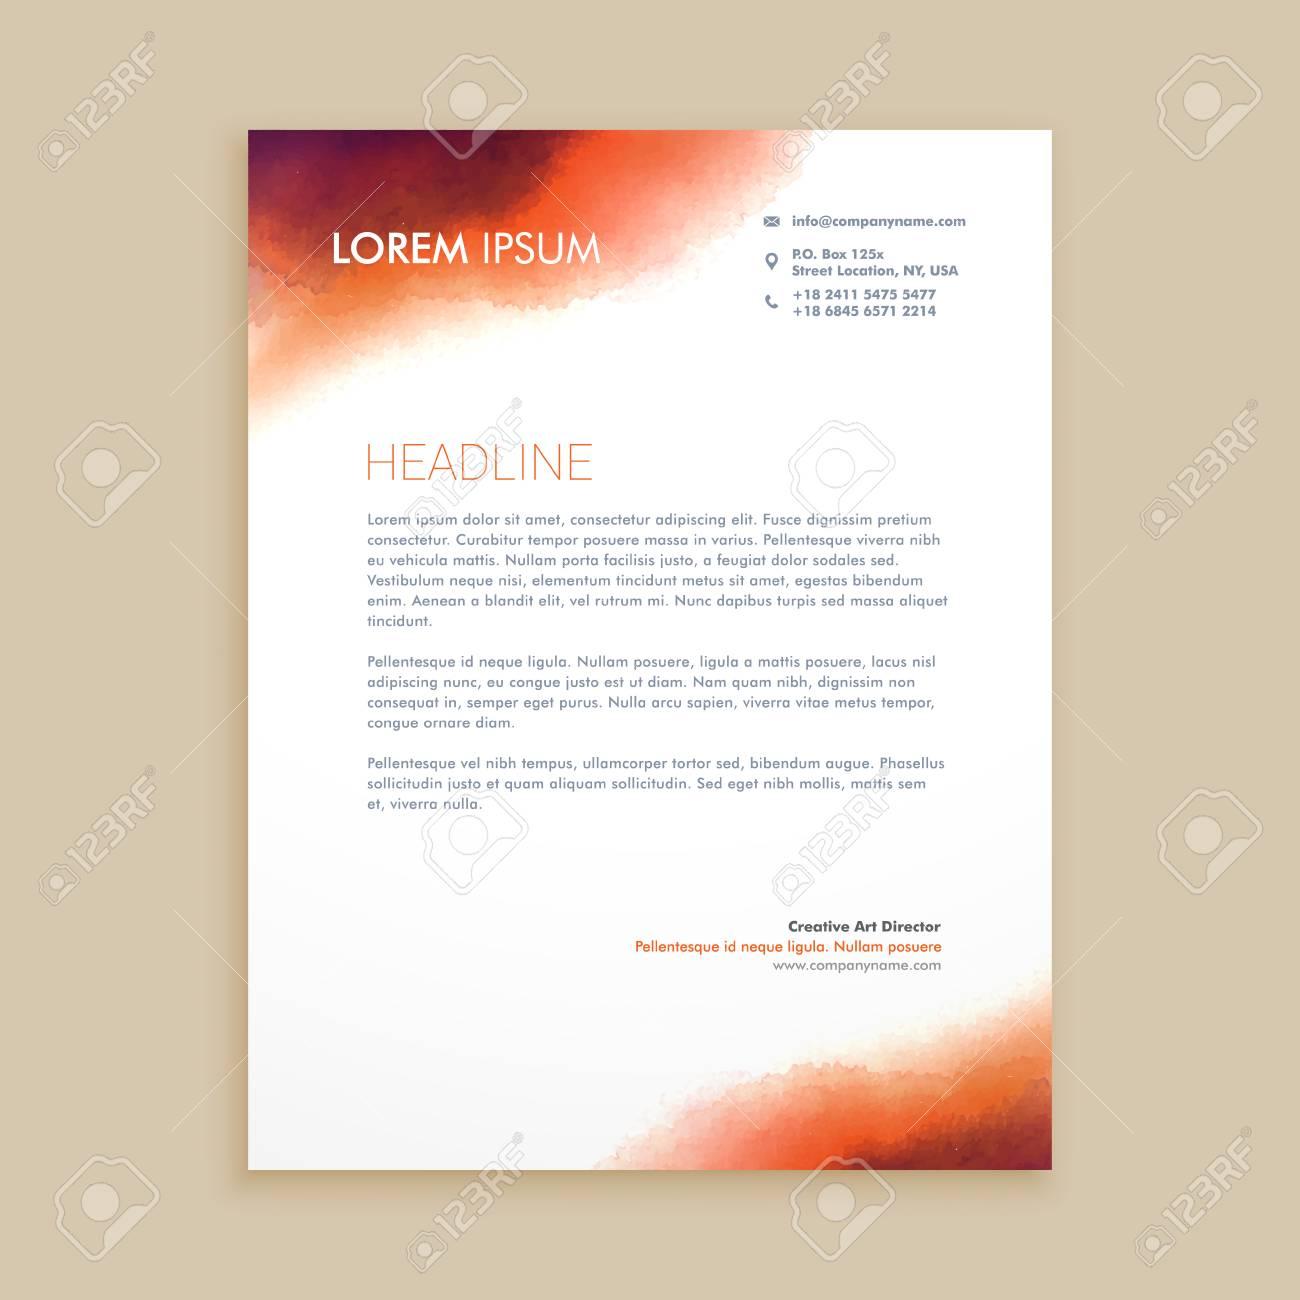 corporate business letterhead - 55398281